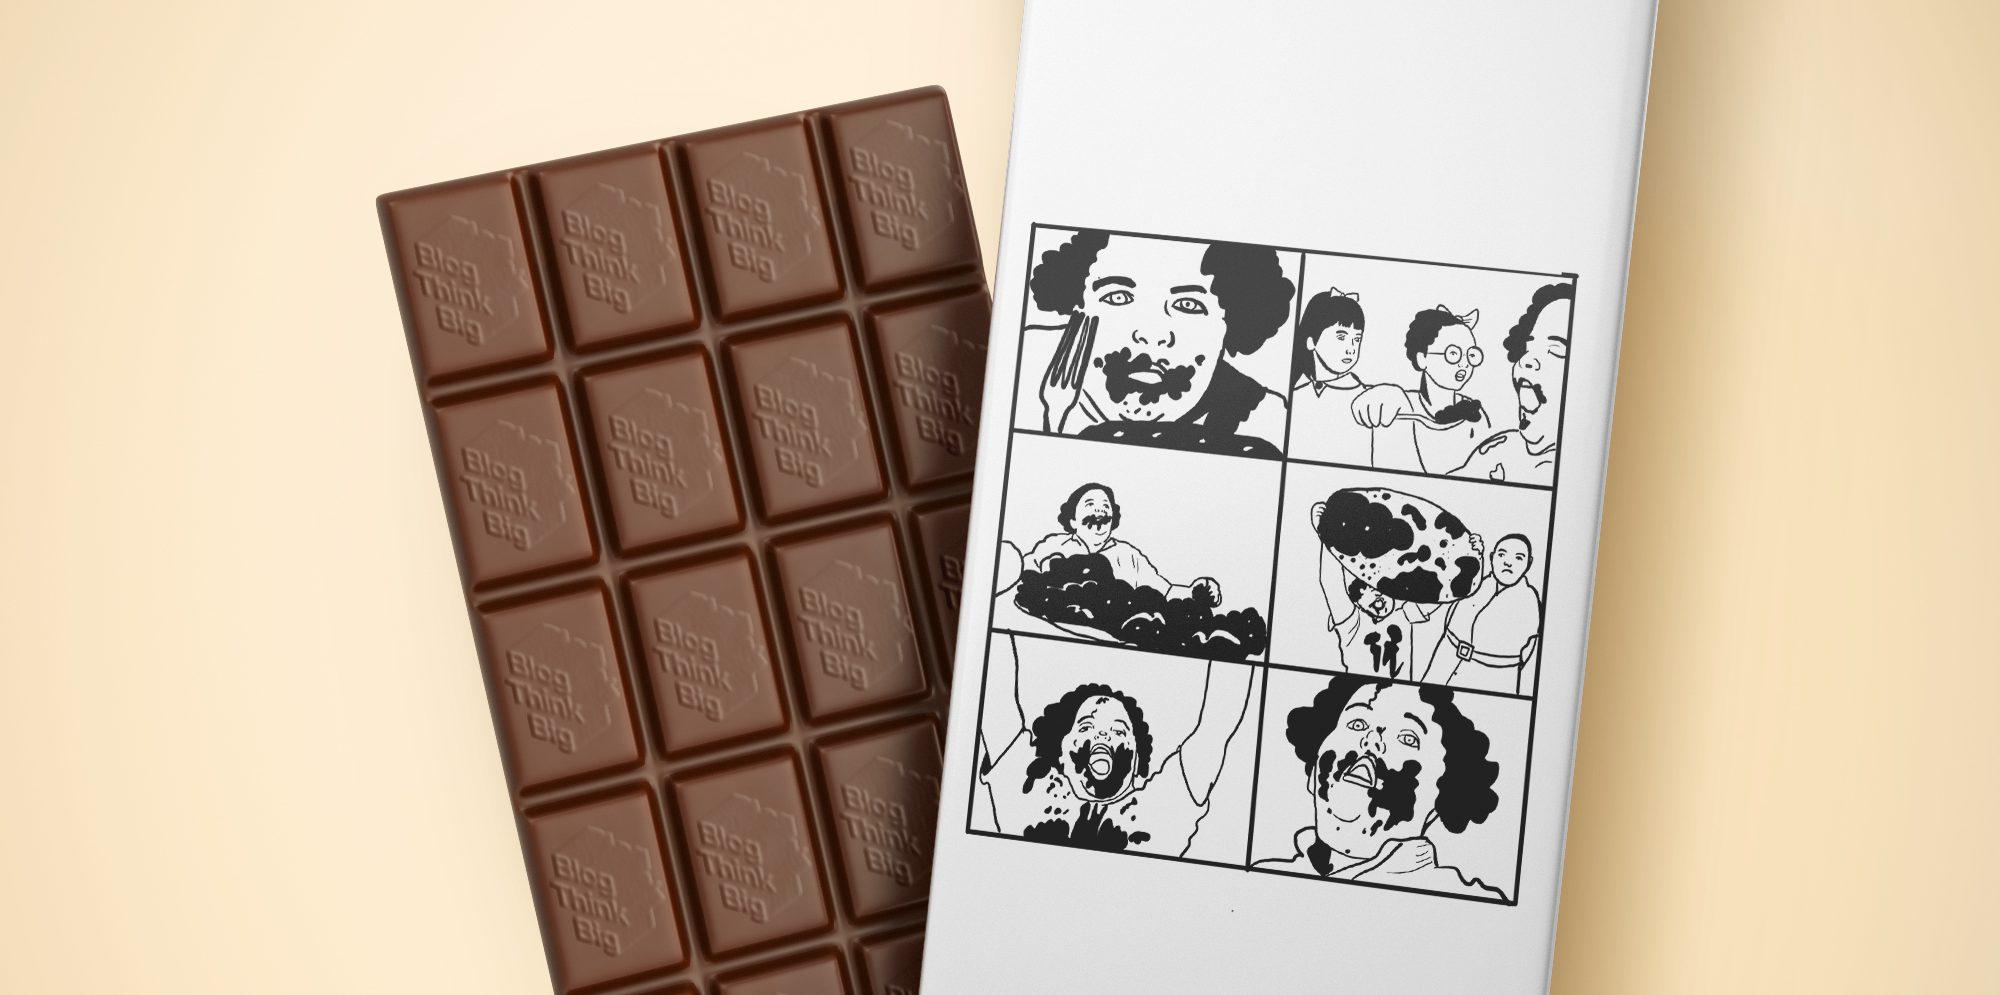 Día Internacional del Chocolate: ¿cuánto sabes sobre el cacao?